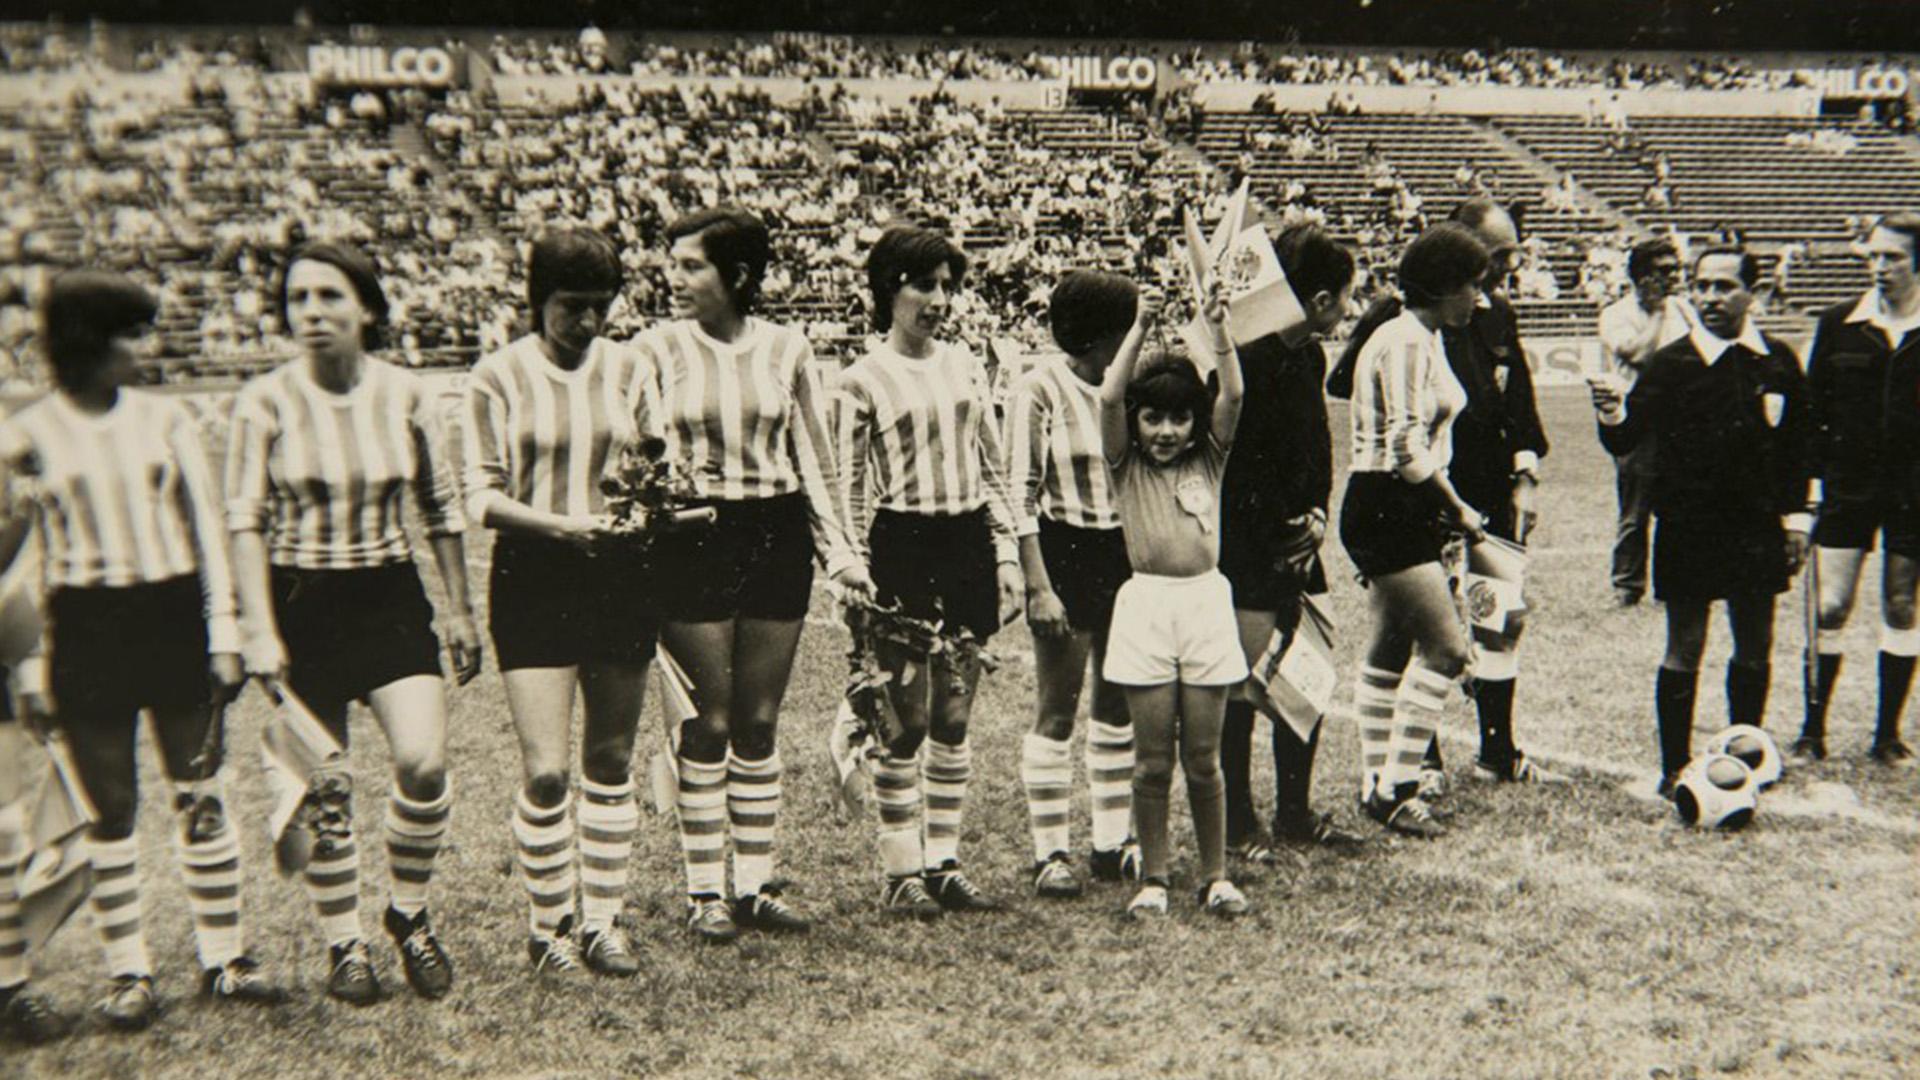 La historia oculta de las 16 mujeres de la selección invisible de México '71